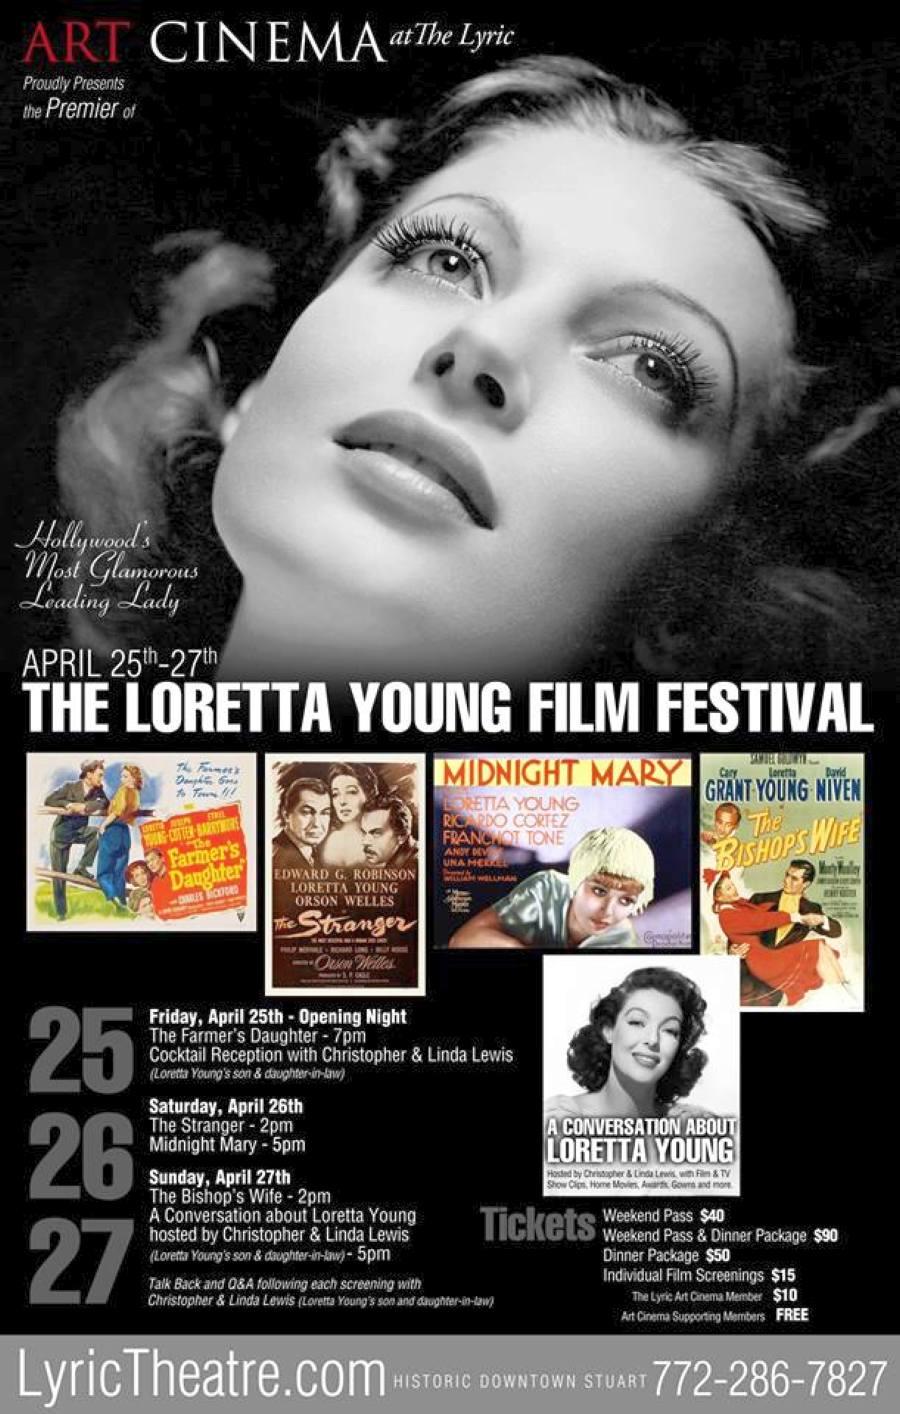 loretta young film festival 00a